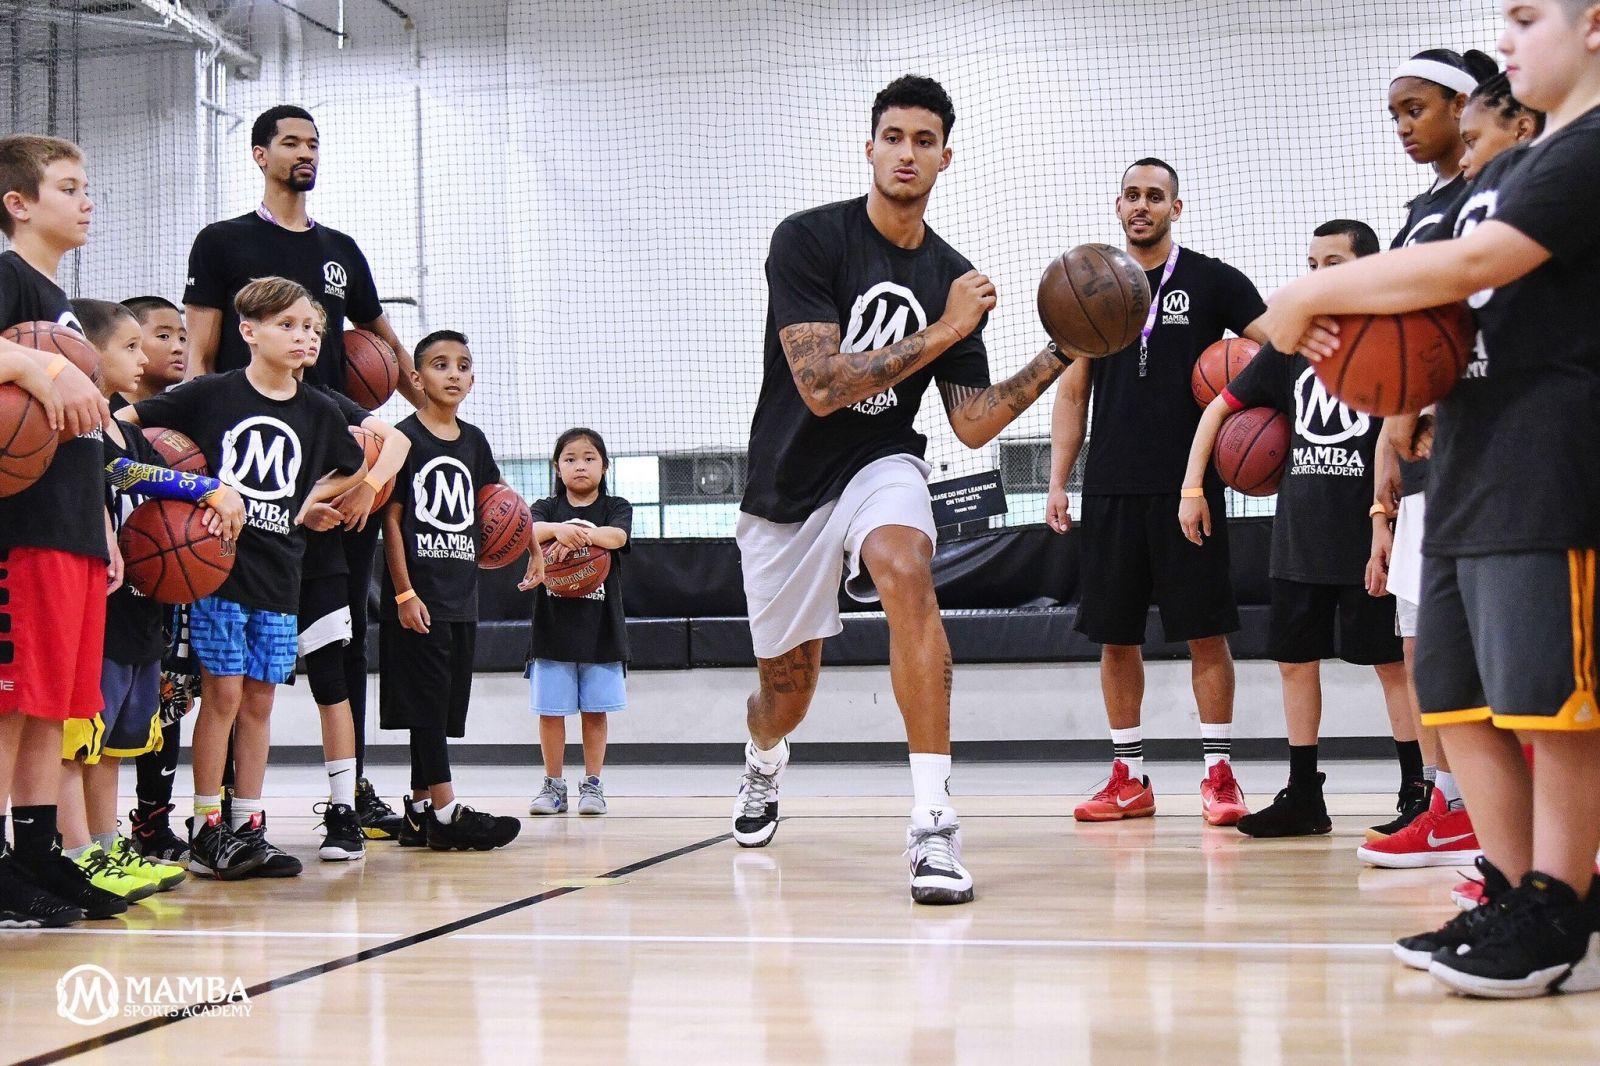 nba克劳福德集锦_库指导上线!库兹马在曼巴体育学院指导年轻球员_虎扑NBA新闻